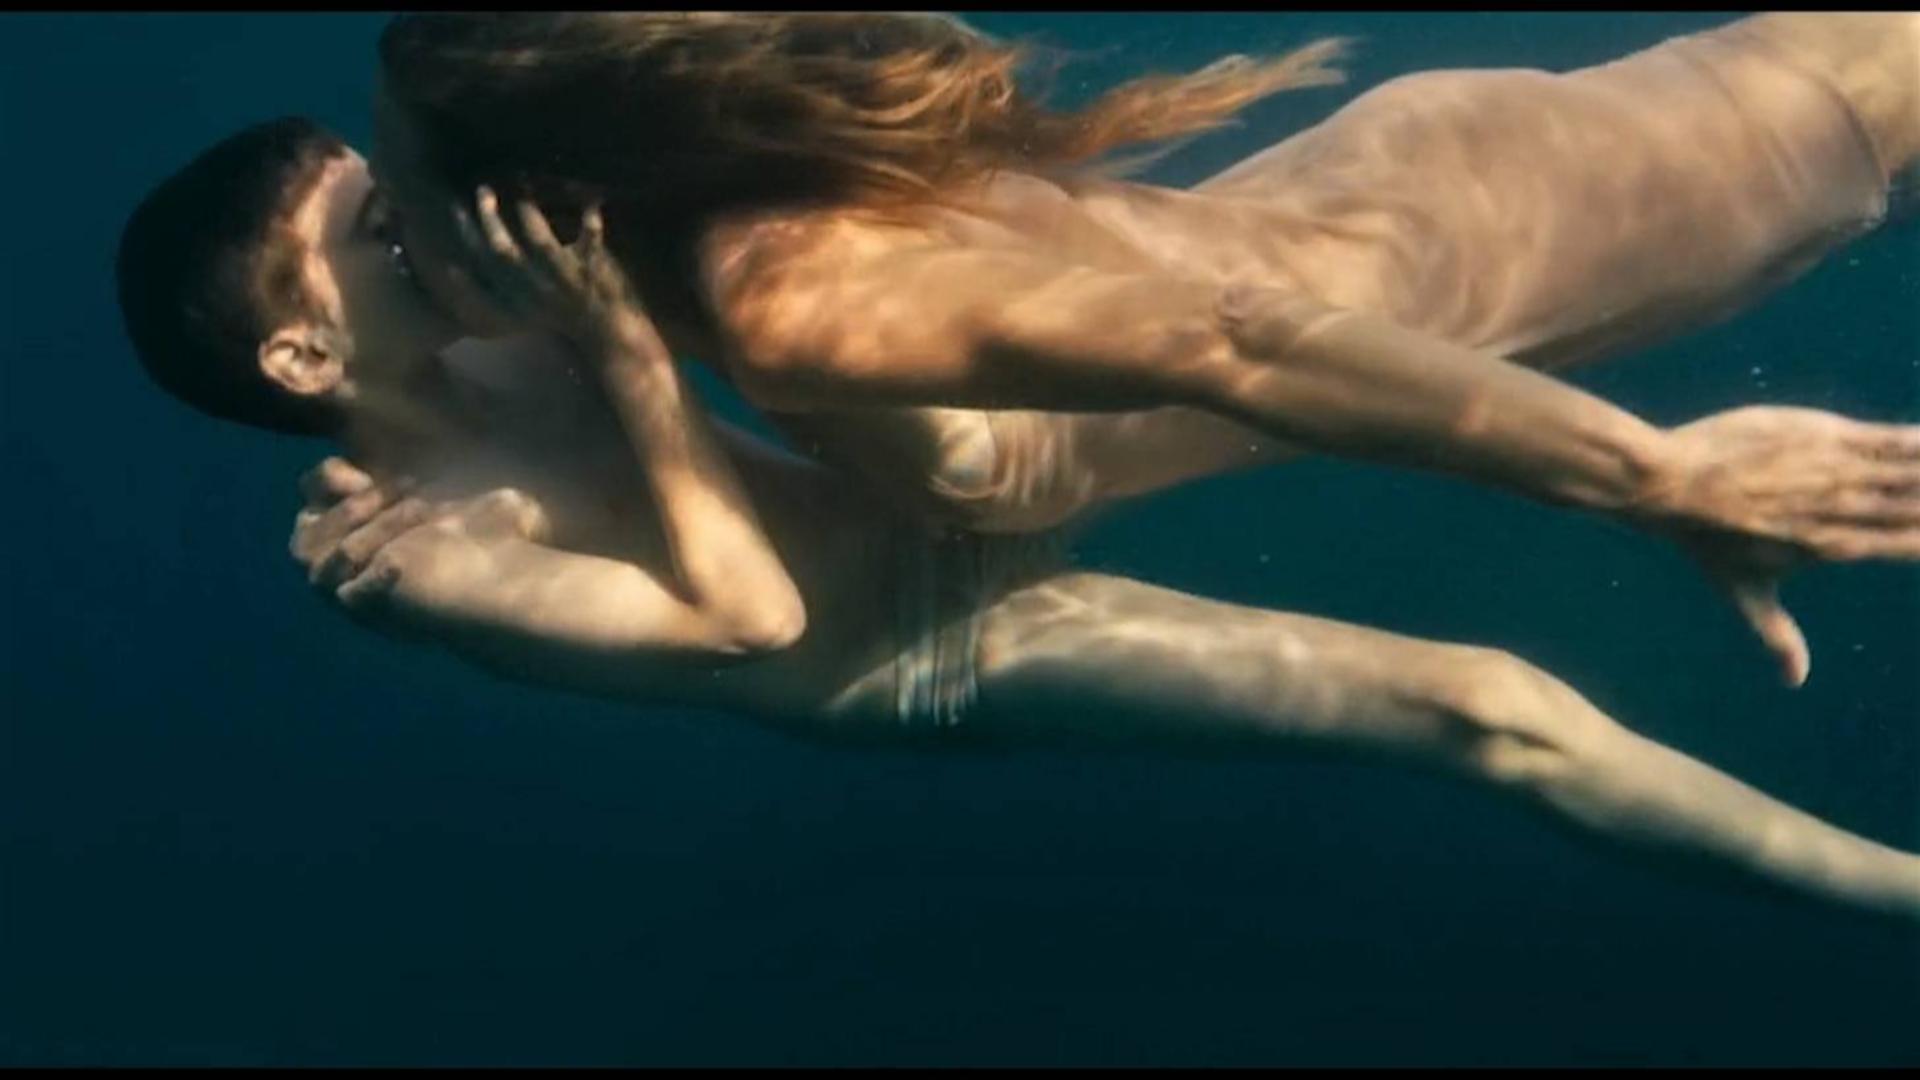 海女们掠走小男孩作为繁衍生息的工具,一部超现实主义的科幻电影 《进化岛》